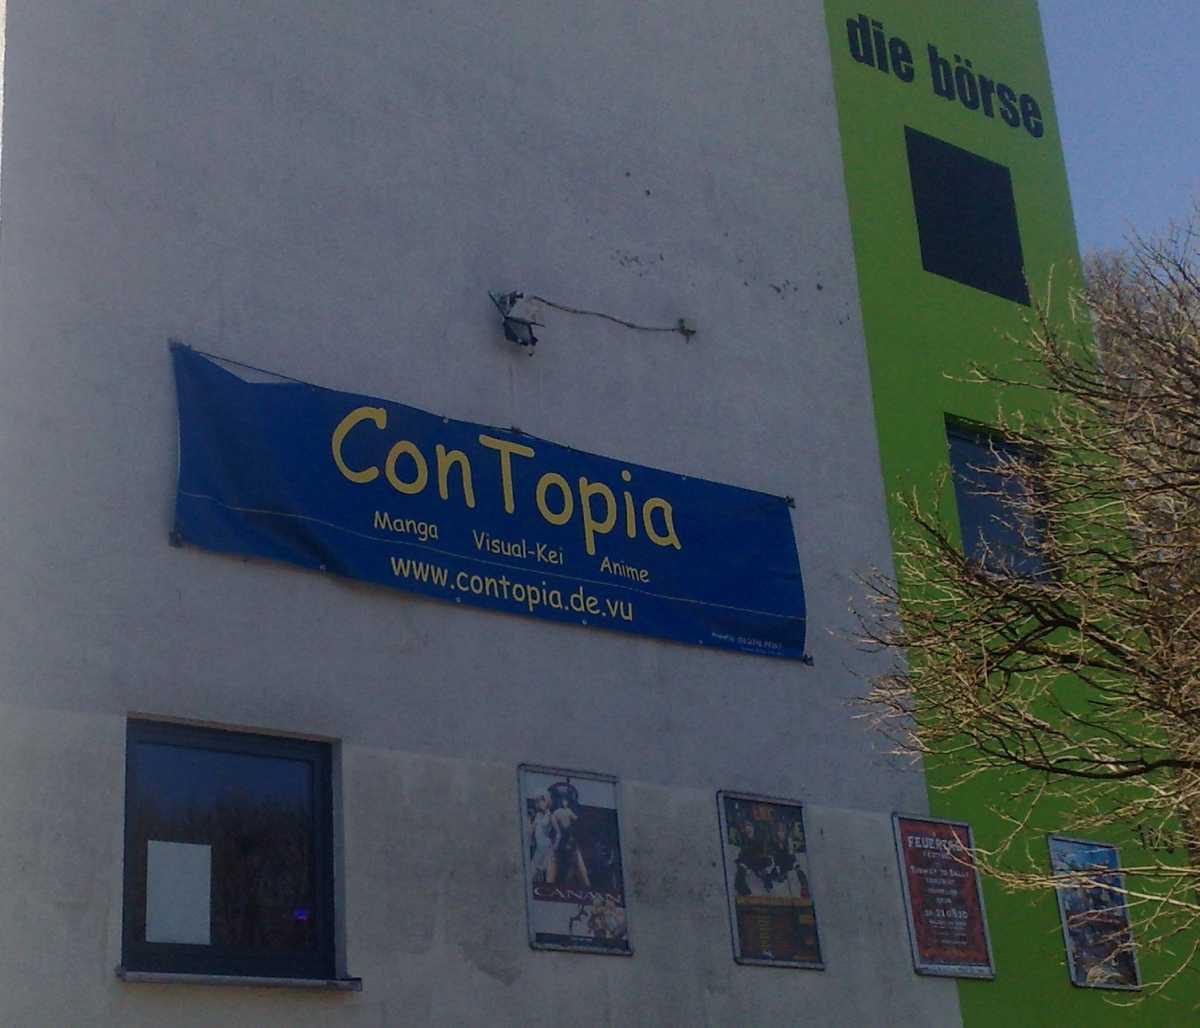 Diese Woche war es wieder soweit, und die Fünfte Contopia fand in Wuppertal in der Börse statt. Ich hab mir dies mal zum Anlass genommen und diese Con (zumindest) für einen Tag besucht, (welcher auch gleichzeitig noch der Tag war an dem Evangelion 2.00 lief! höhö) und berichte euch heute […]